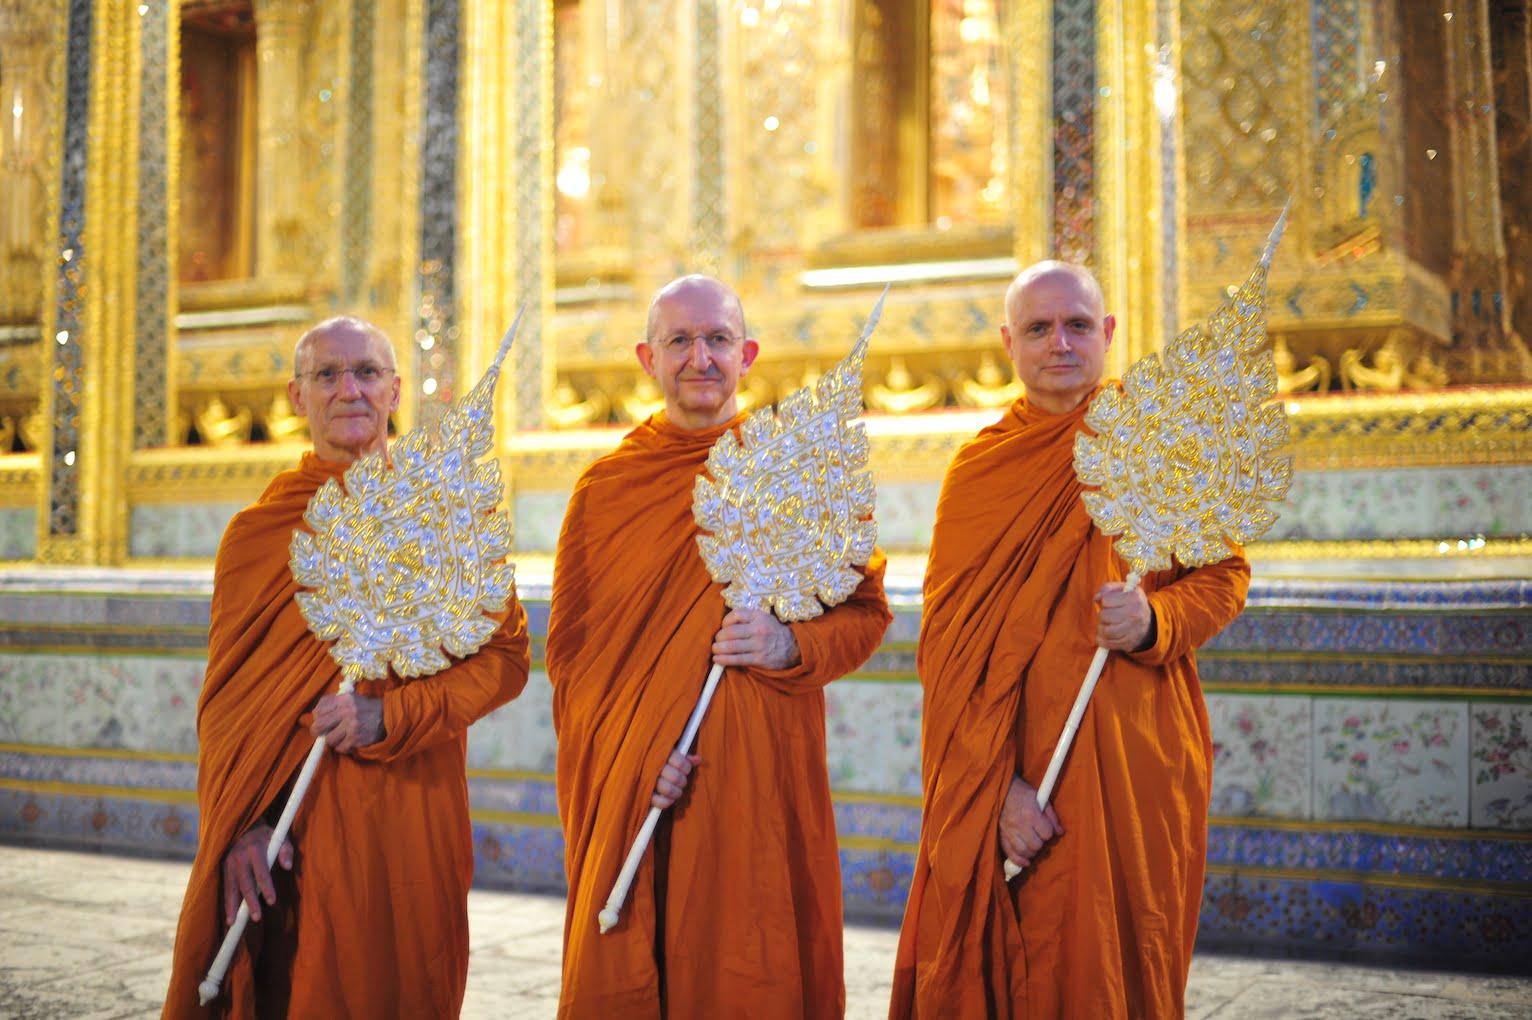 2019.07.28 Chao Khun Raja Ceremony: Ajahn Pasanno, Ajahn Amaro & Ajahn Jayasaro